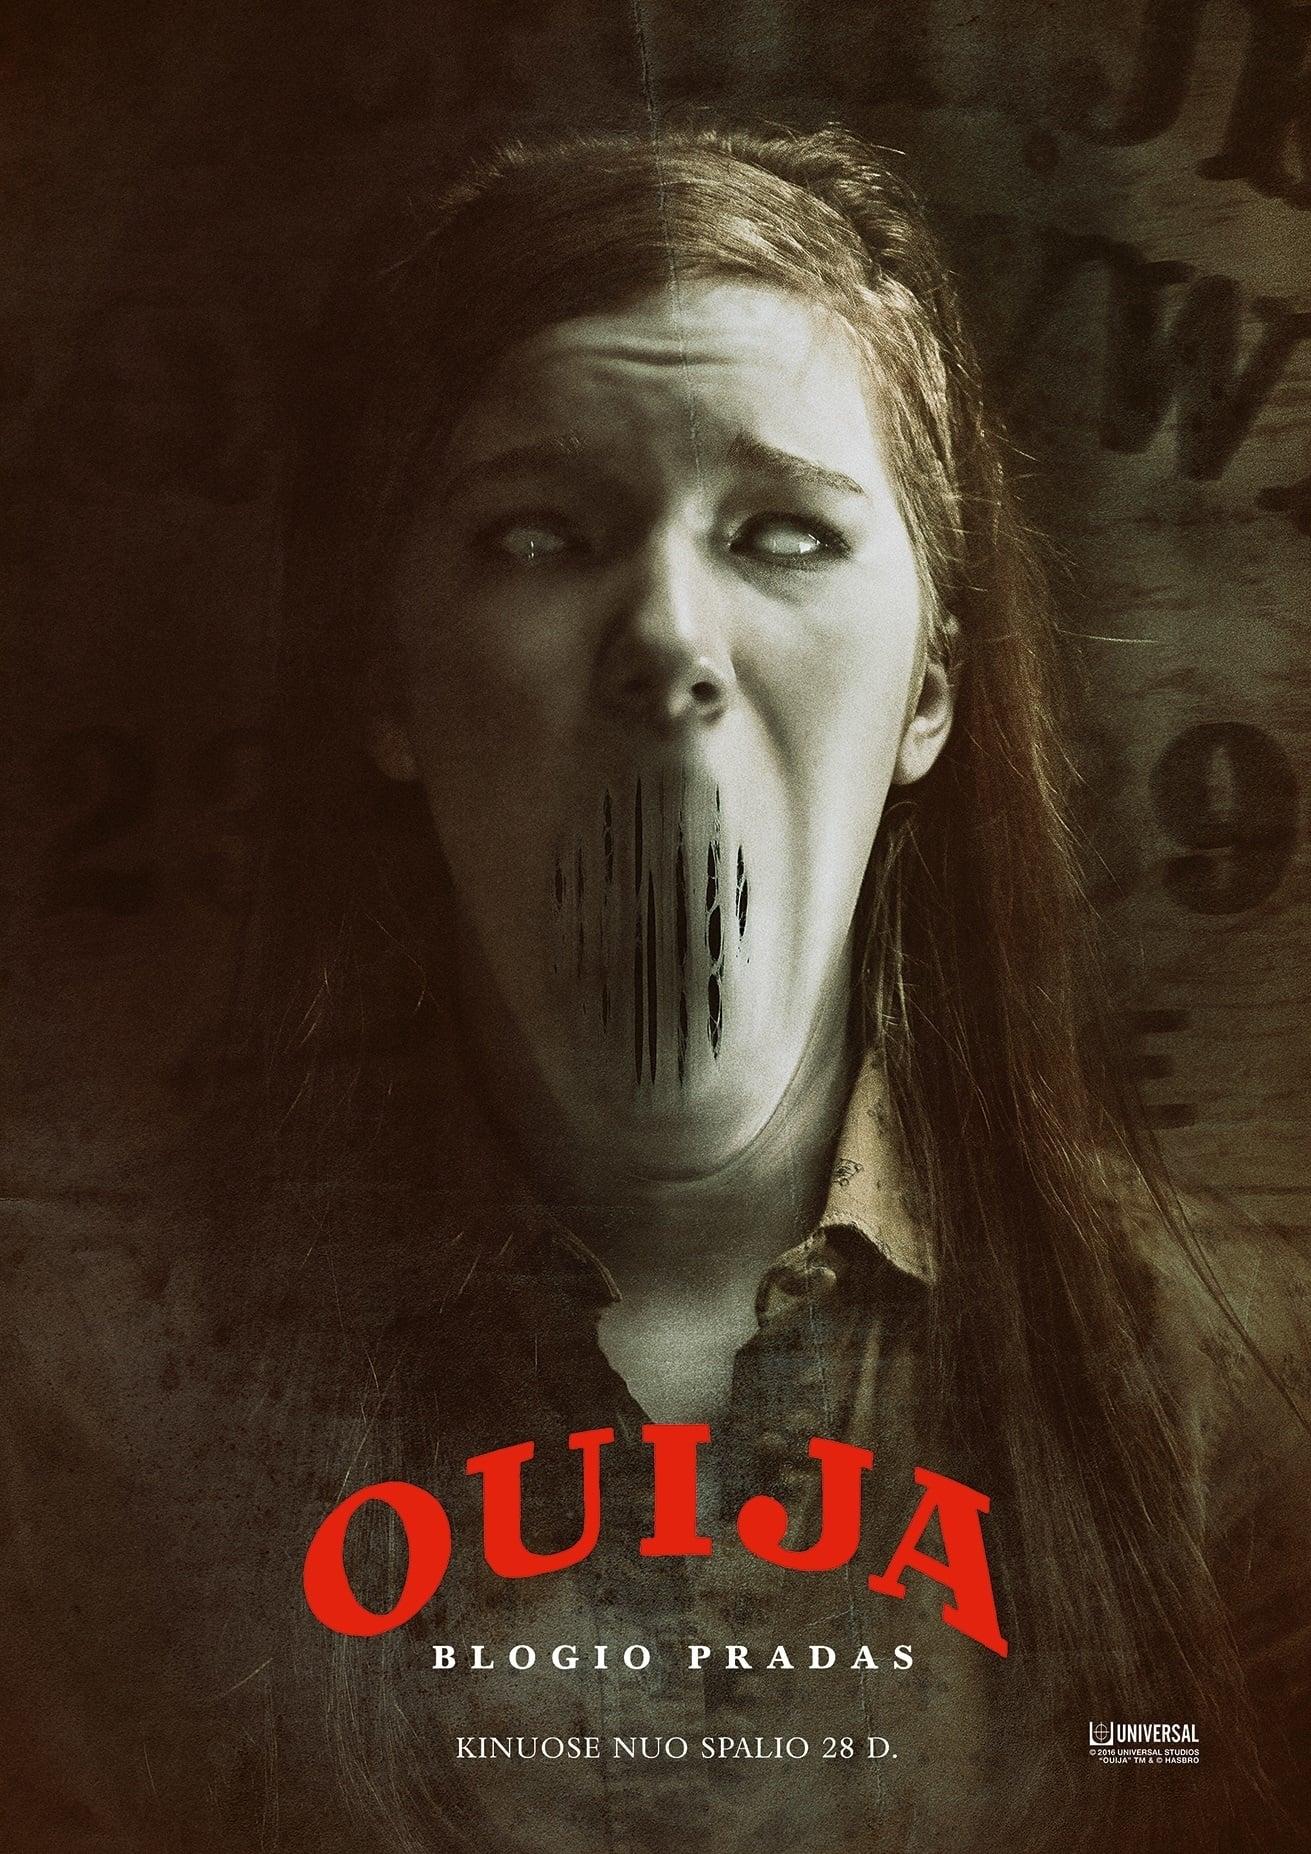 Ouija: Blogio pradas